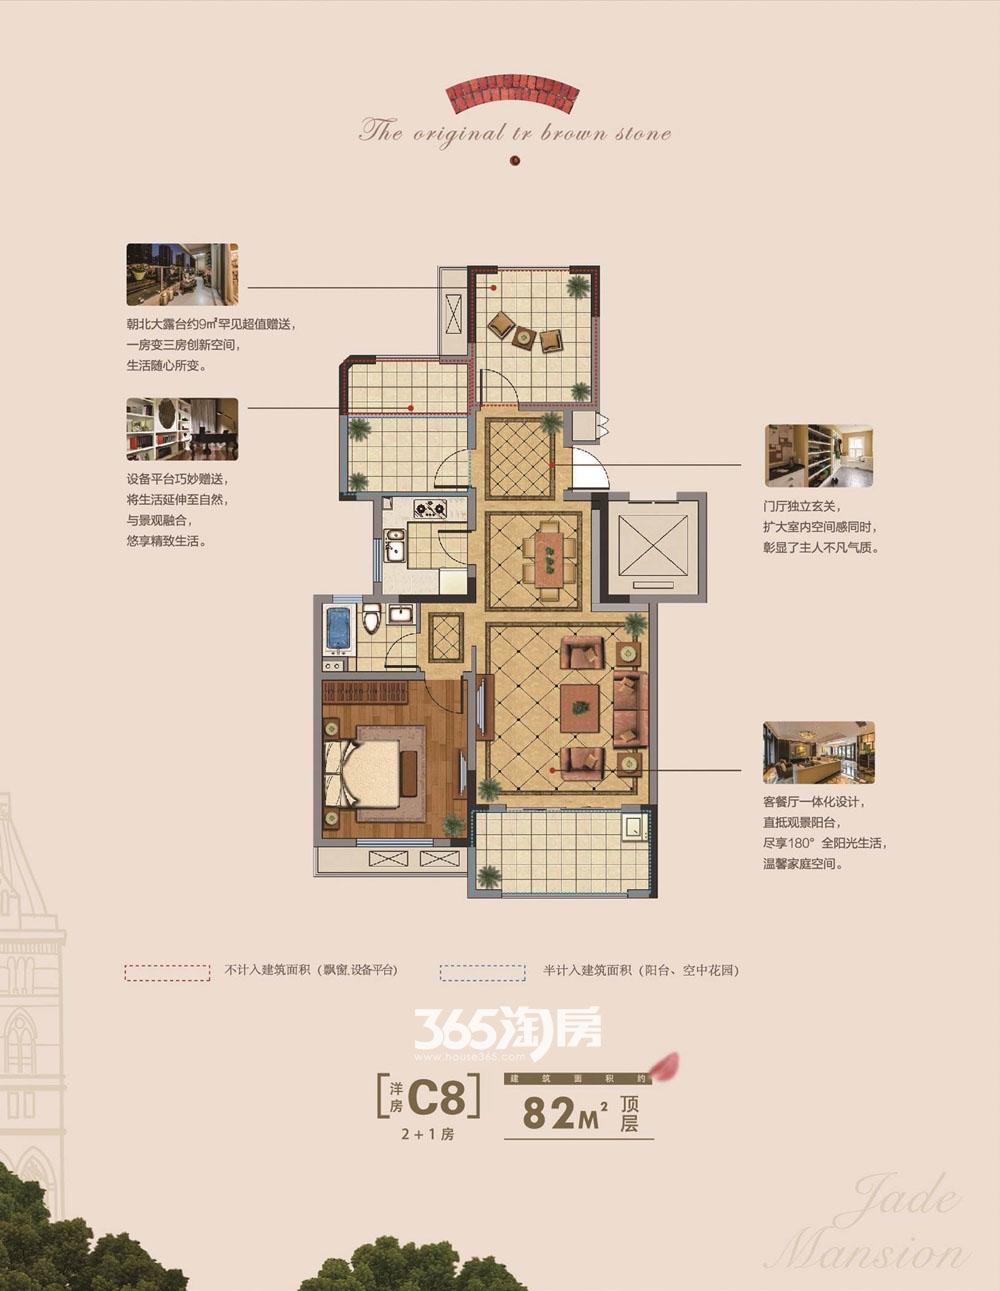 金大地翡翠公馆洋房C8户型图2+1室